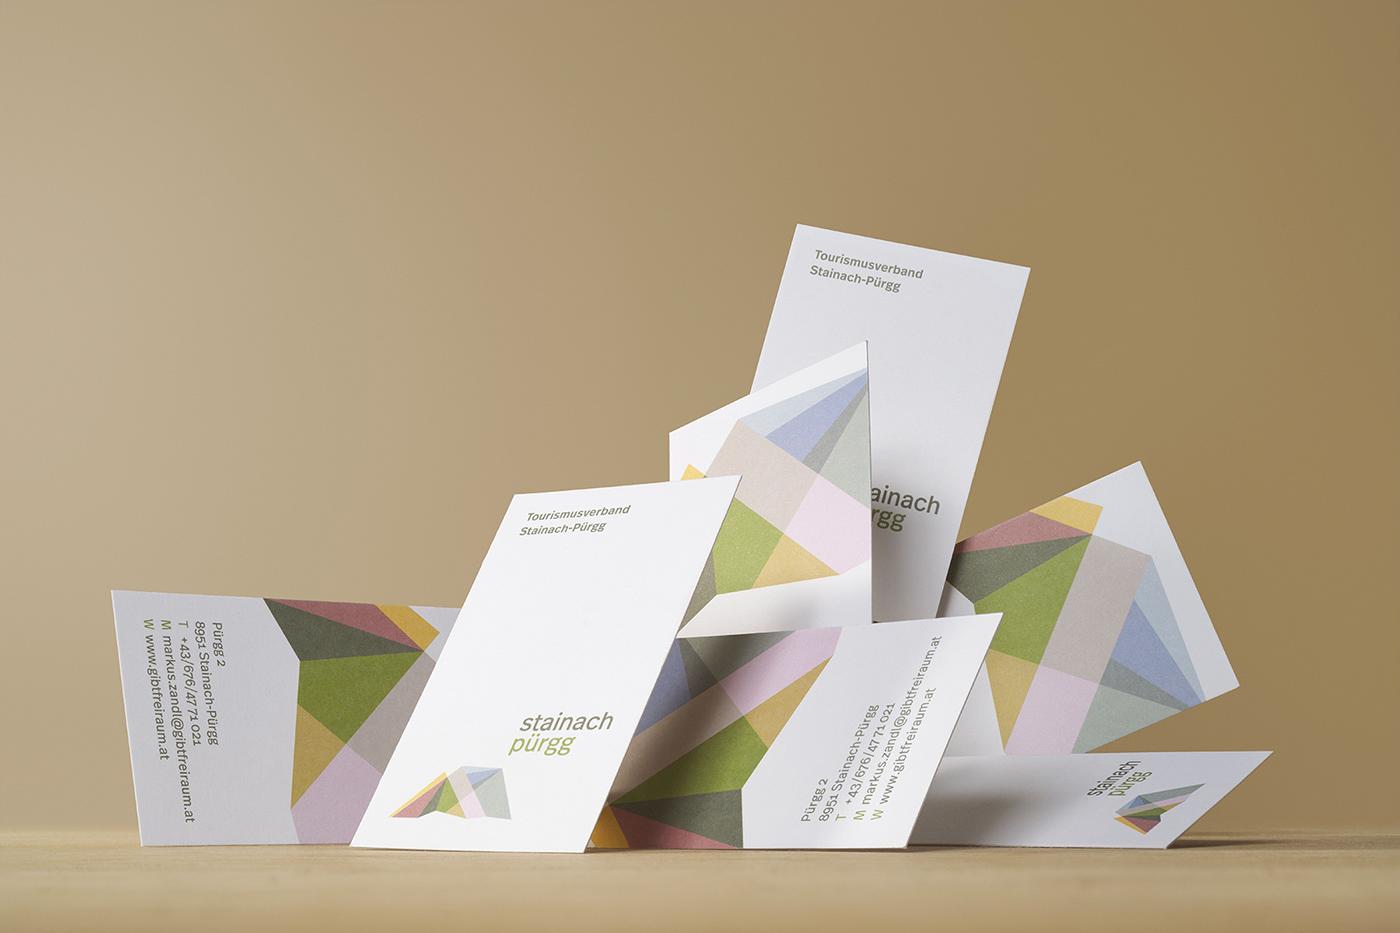 branding  graphicdesign logo visualidentity